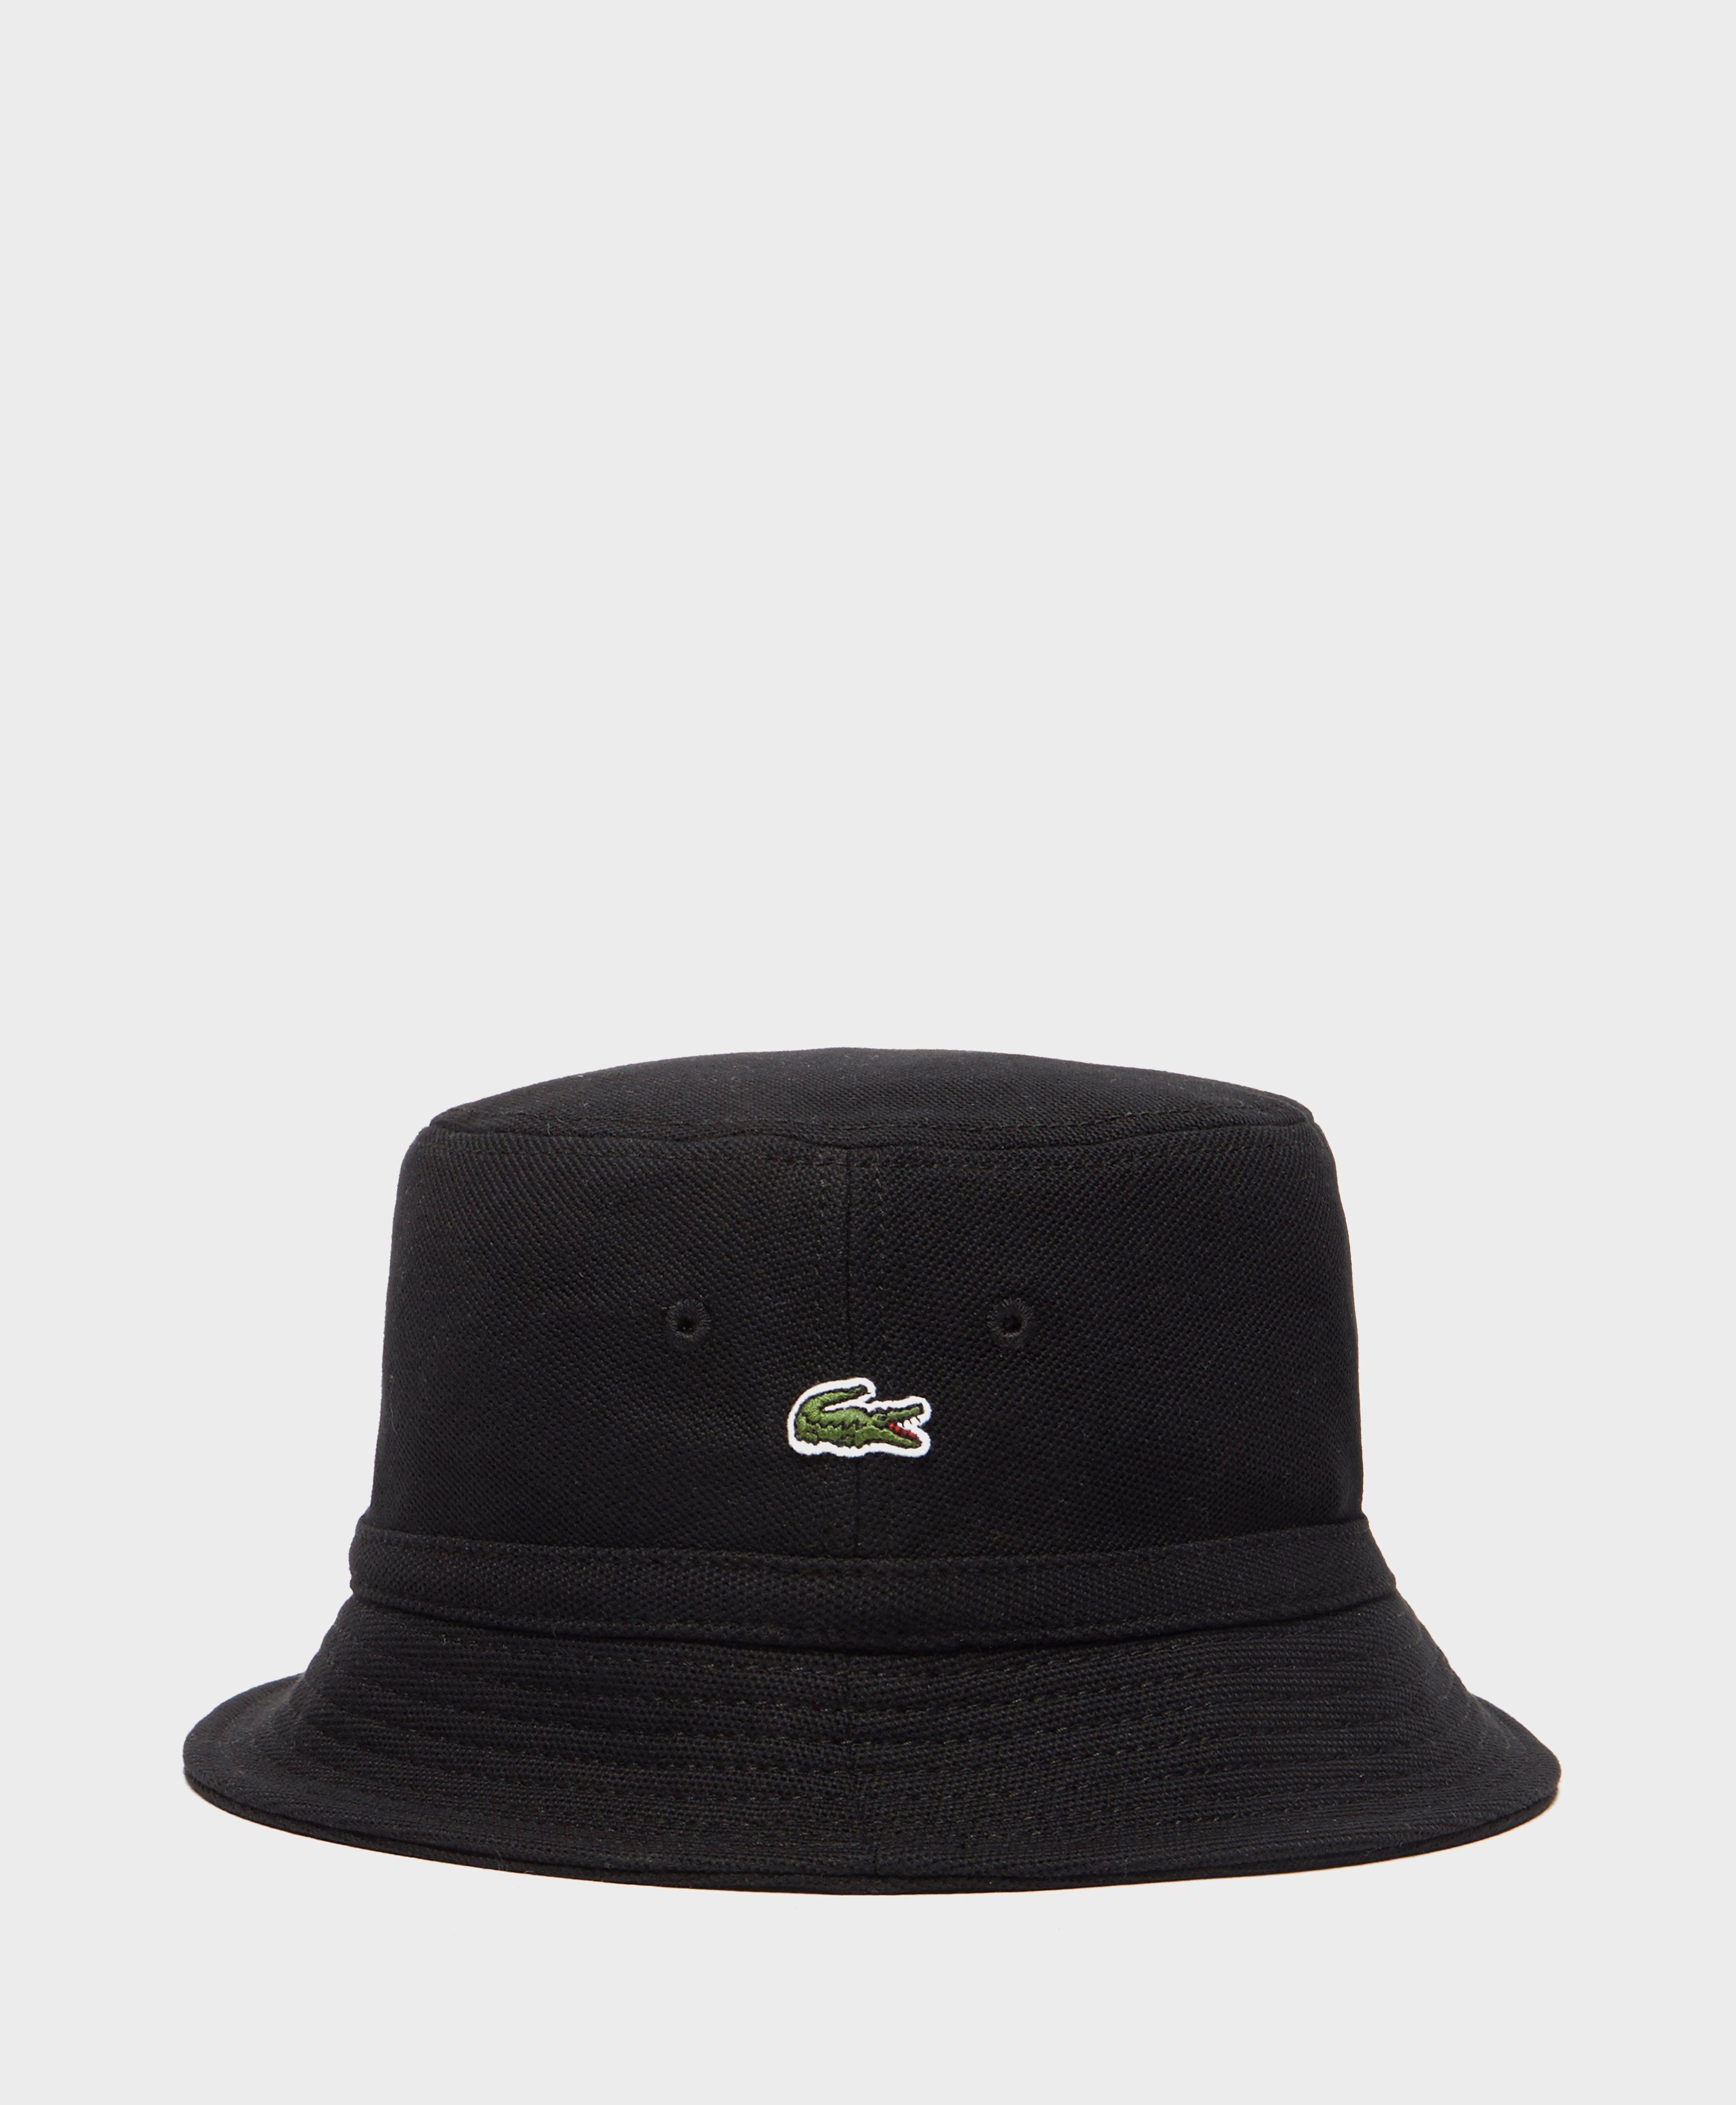 7e5e4400707b Lacoste Pique Bucket Hat in Black for Men - Lyst